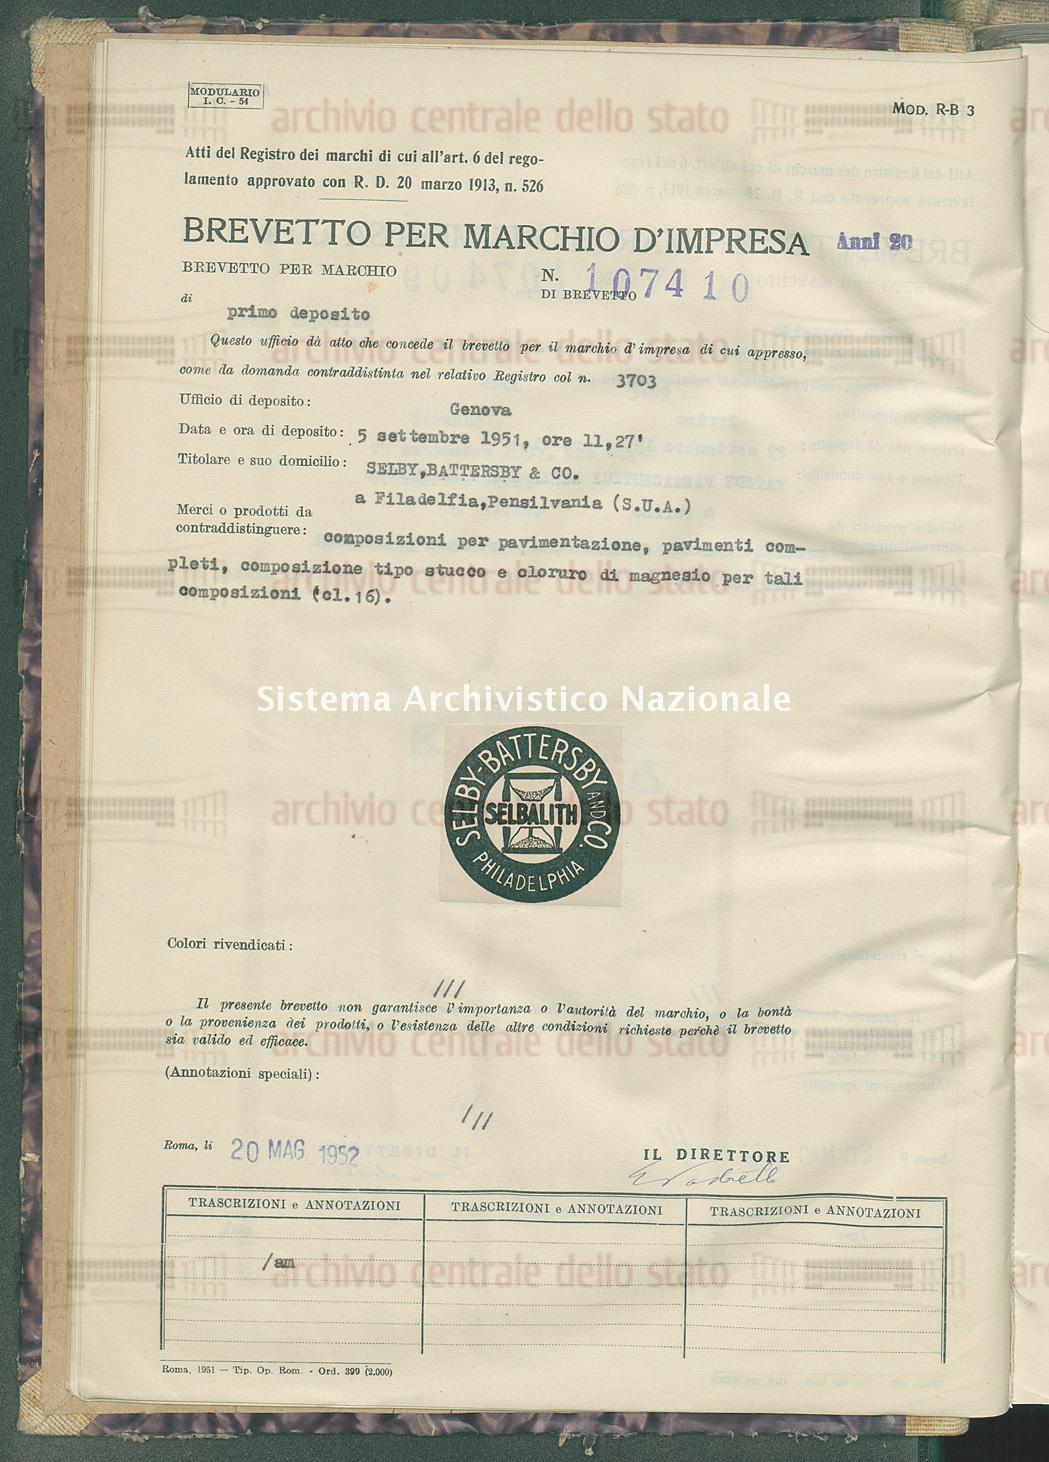 Composizioni per pavimentazione, pavimenti completi, ecc. Selby, Battersby & Co. (20/05/1952)